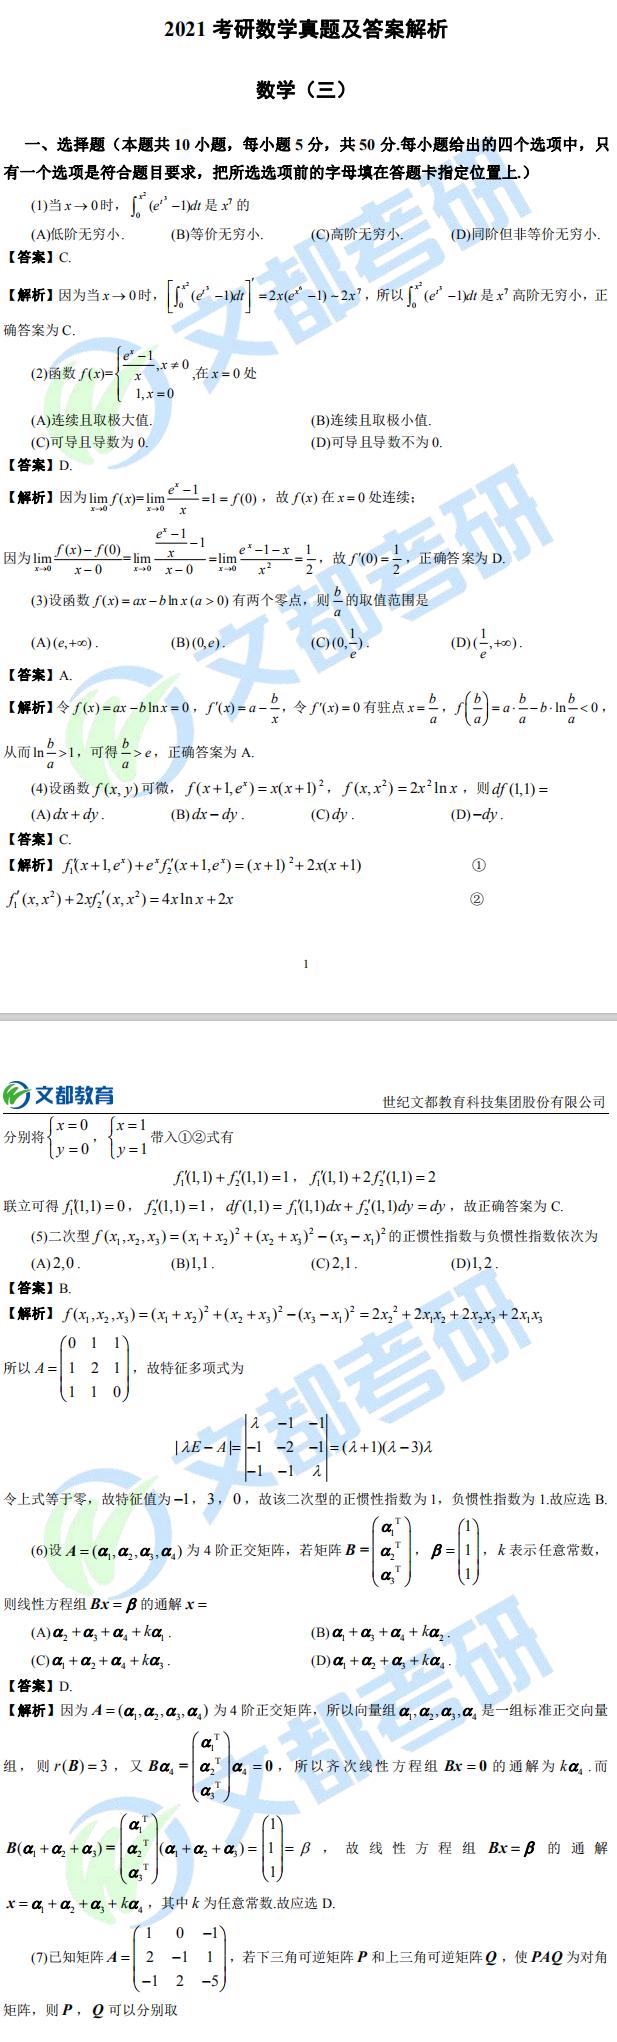 2021考研数学真题及答案解析数学(三)